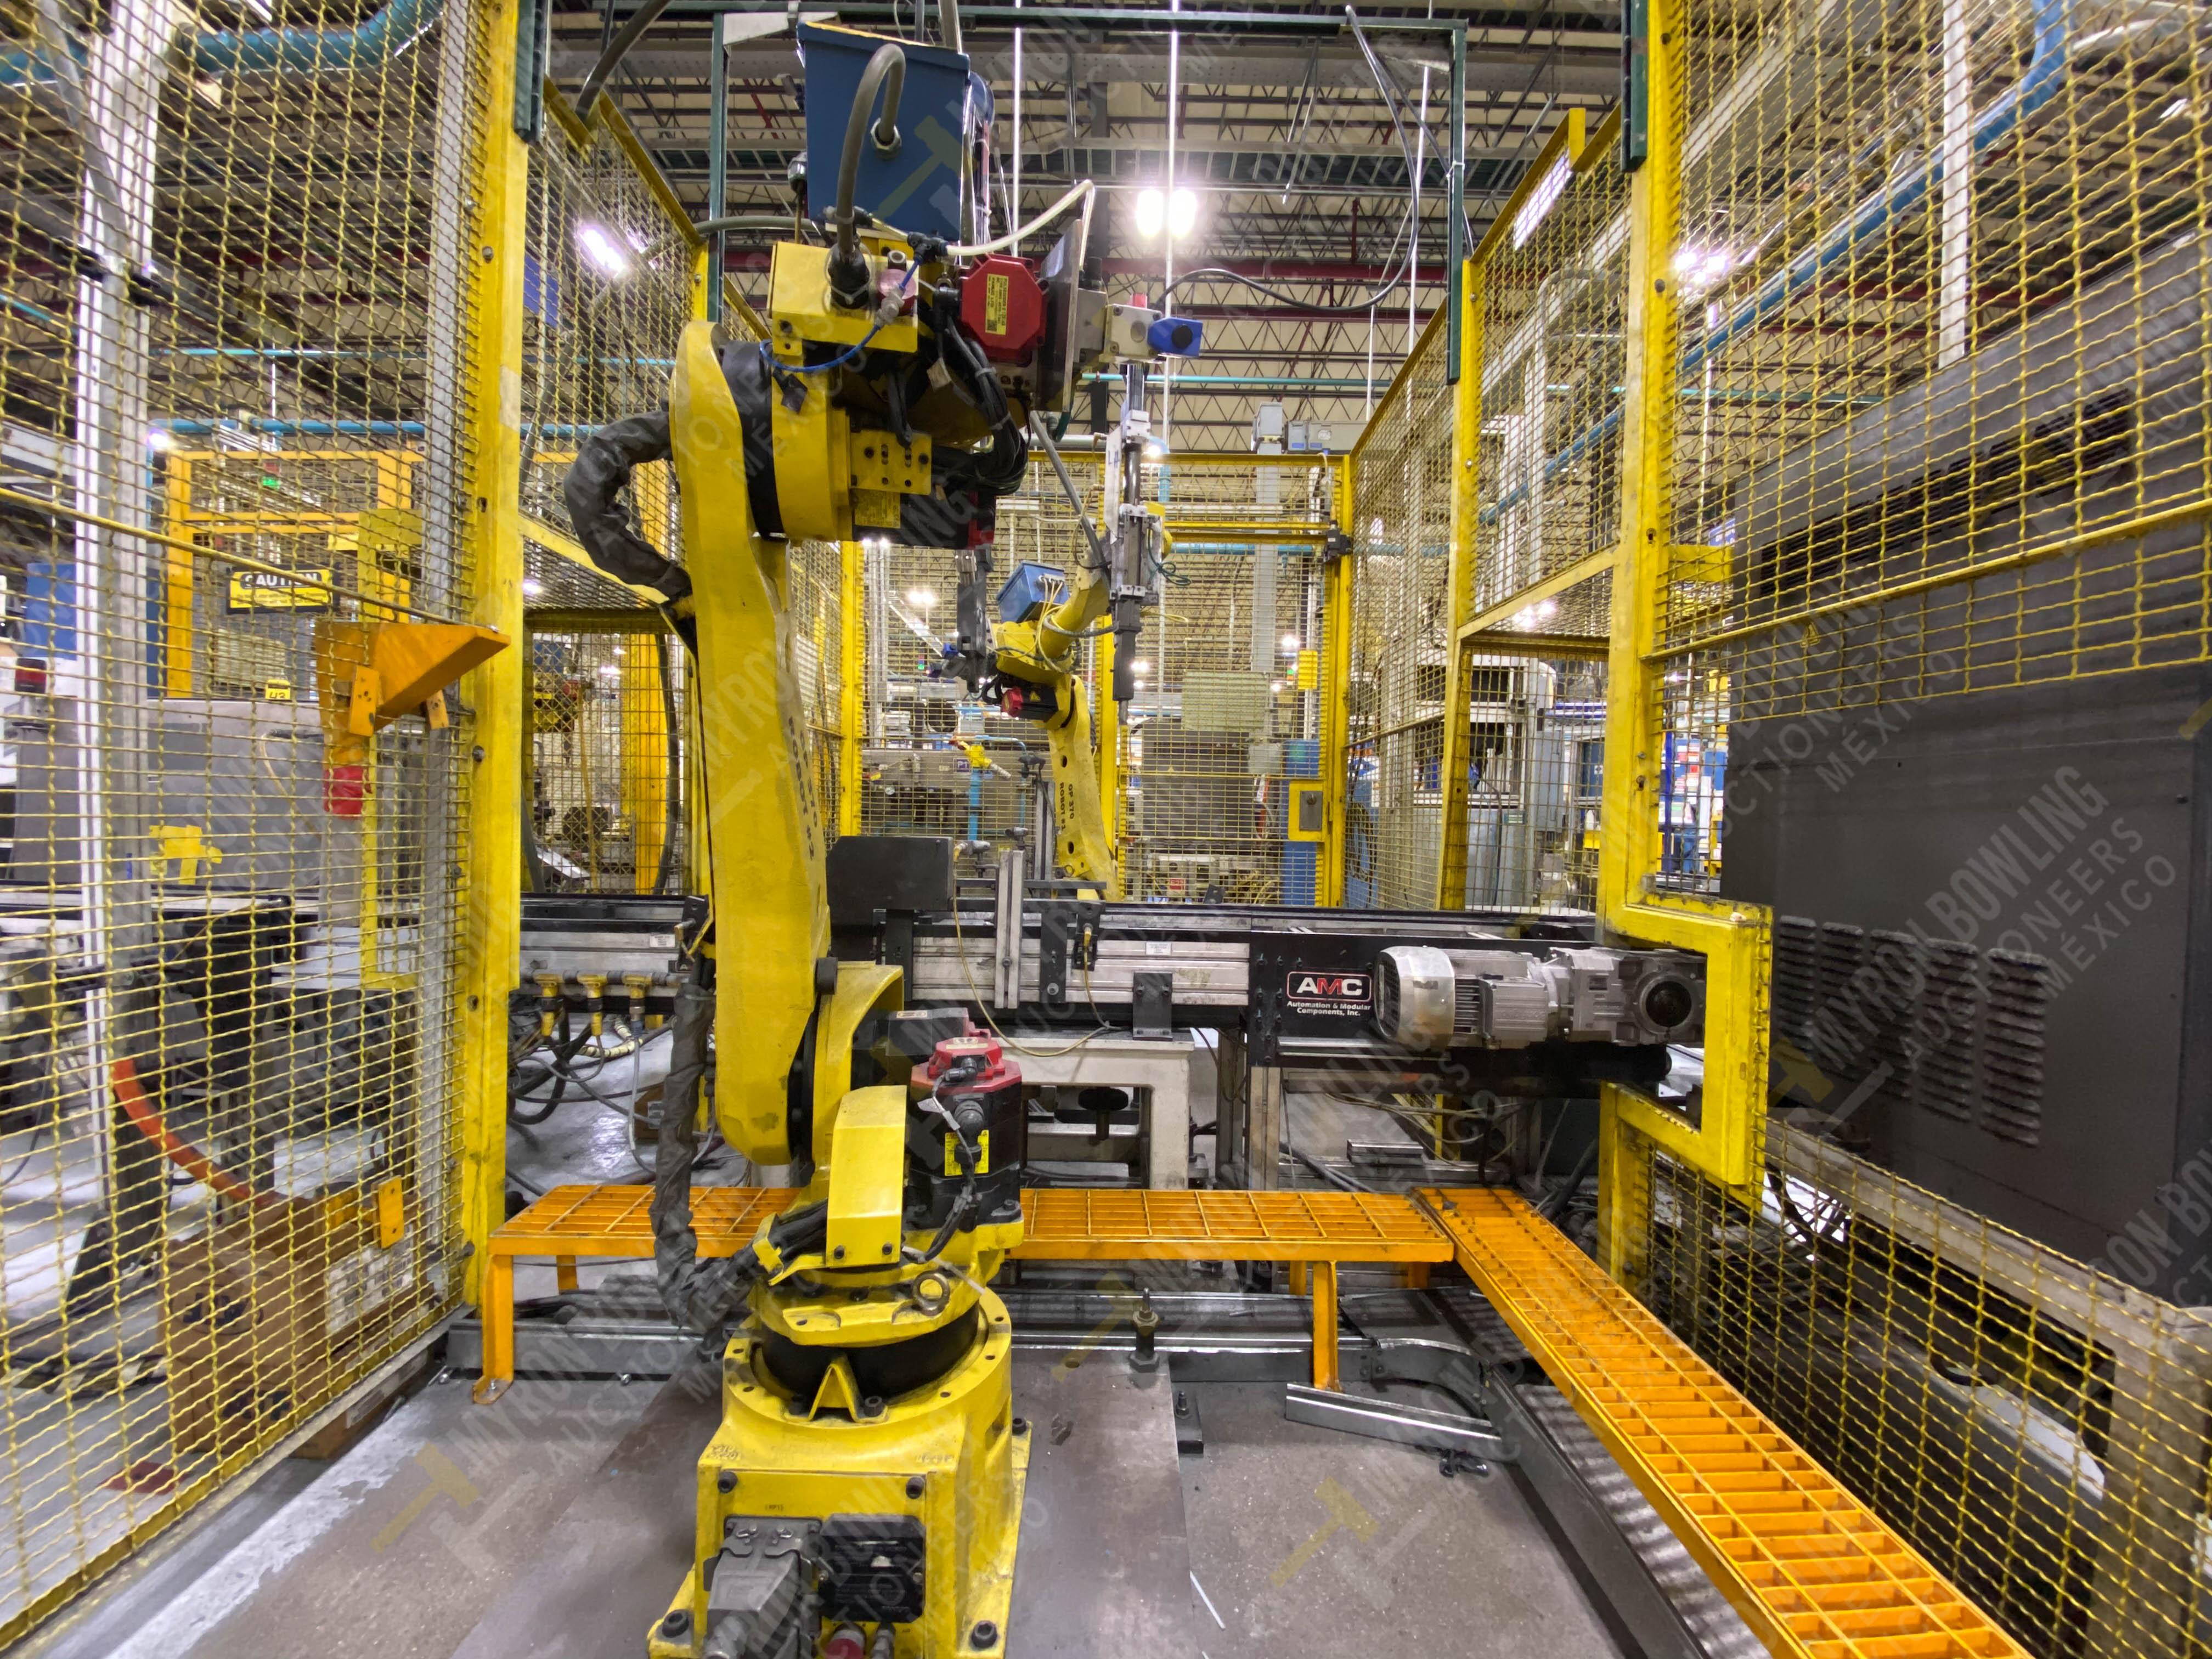 Robot con capacidad de carga de 15-30 Kg, controlador de robot y teach pendant - Image 3 of 17